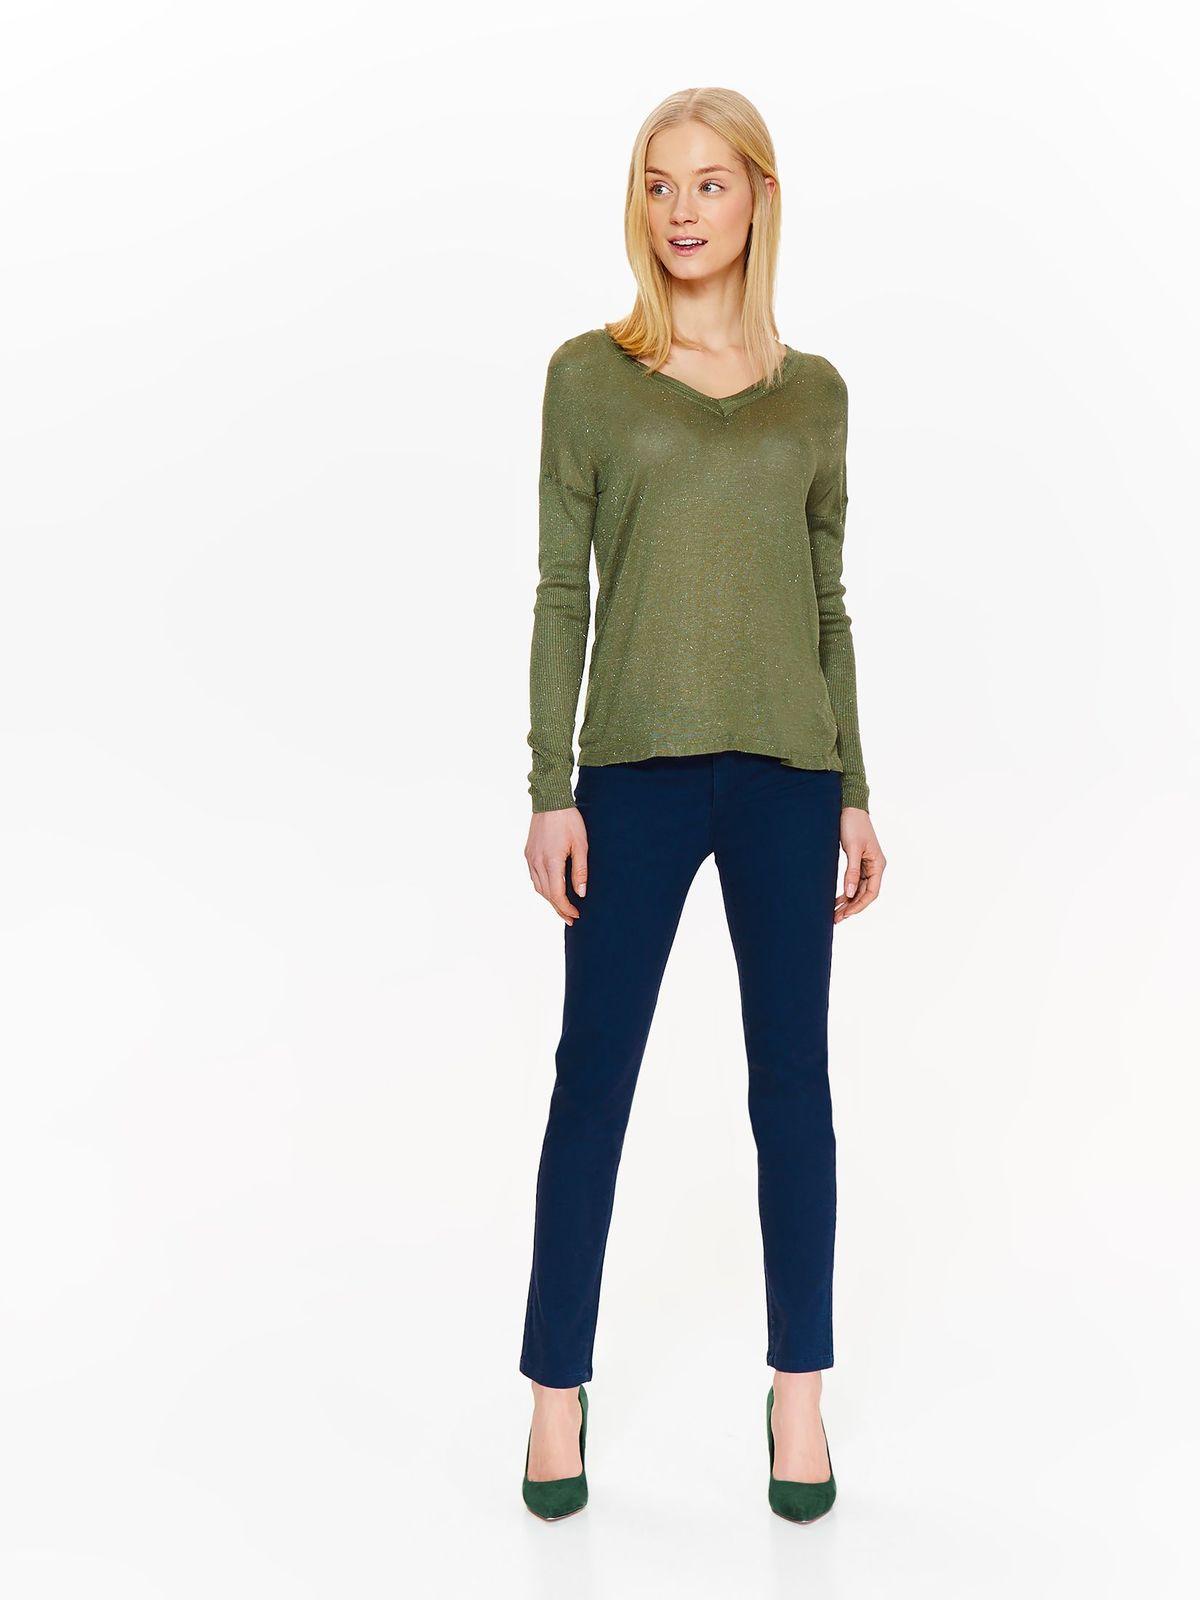 Свитер женский Top Secret, цвет: зеленый. SSW2311ZI. Размер 36 (44)SSW2311ZI